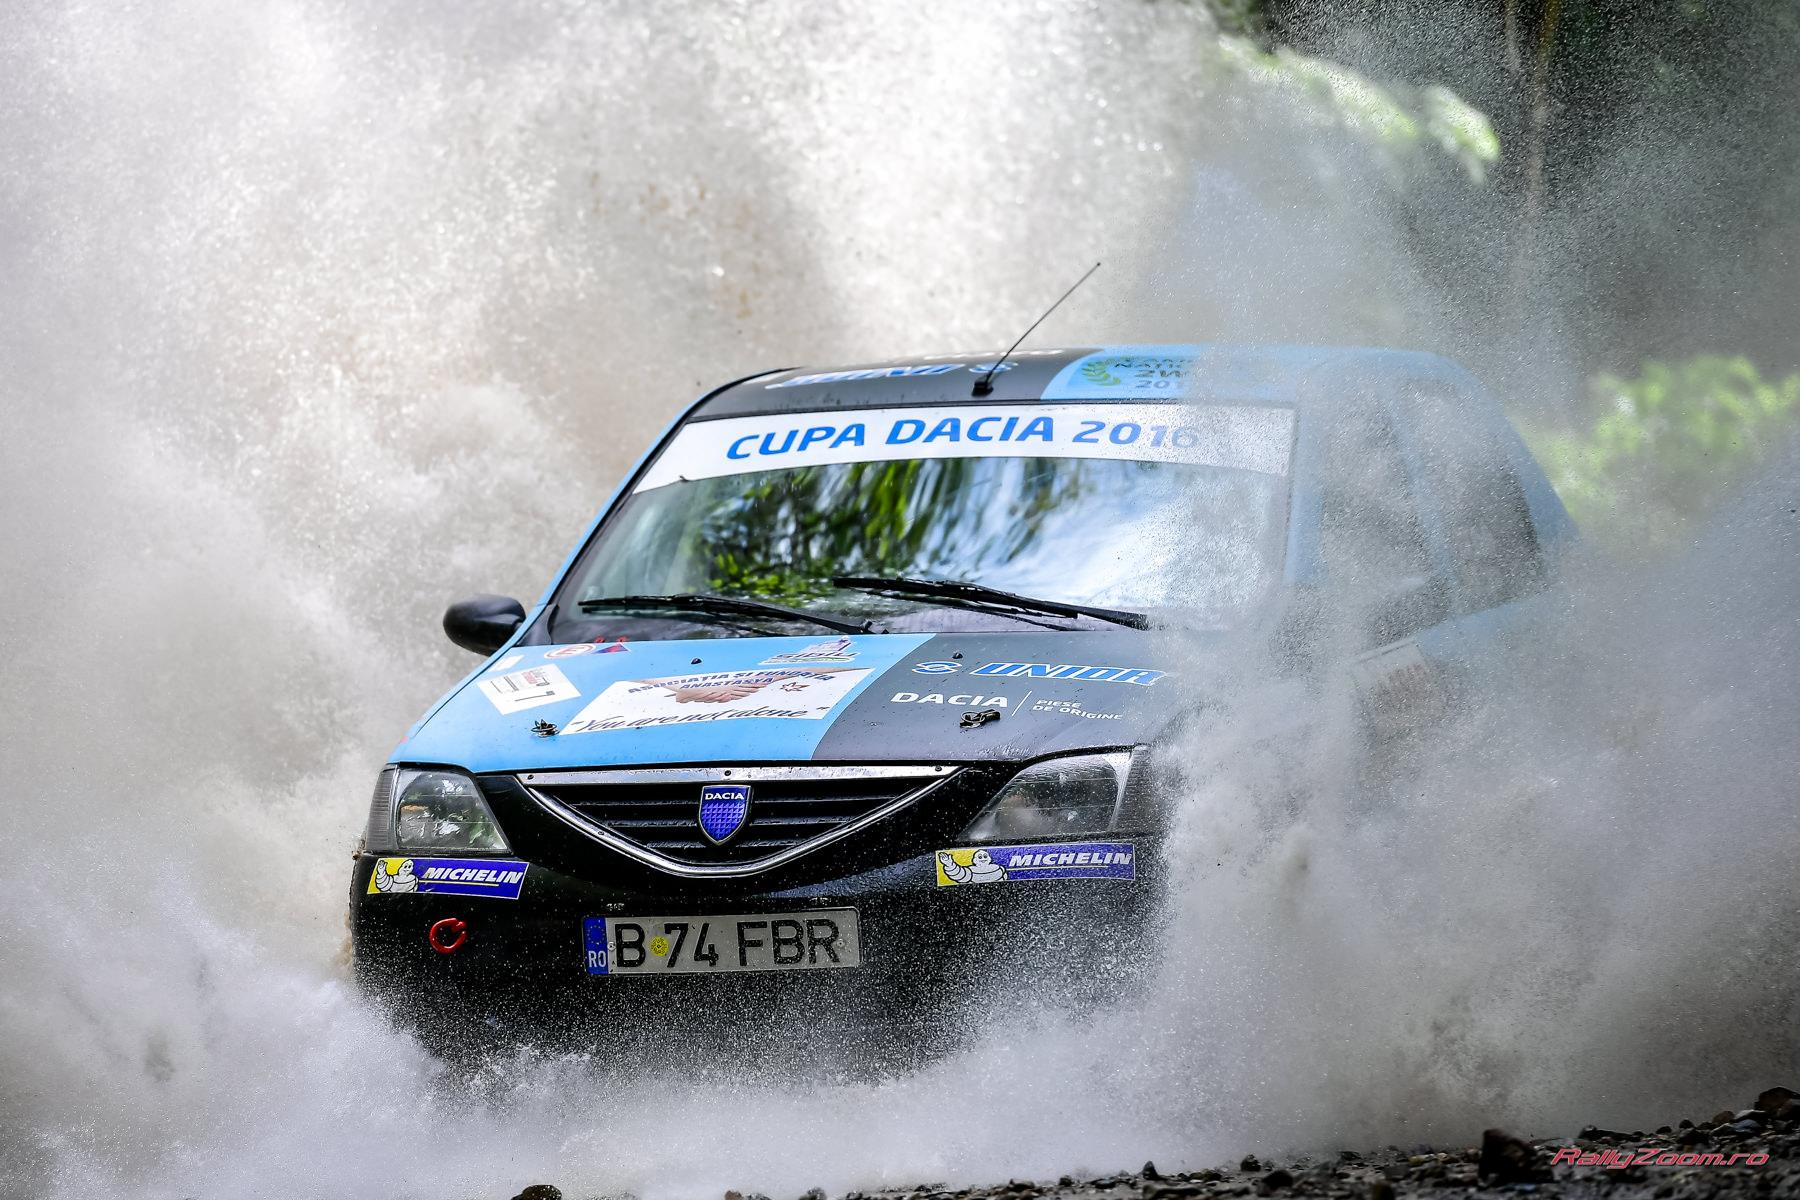 Cupa Dacia la Arad: Raul Badiu a obţinut victoria după un parcurs remarcabil